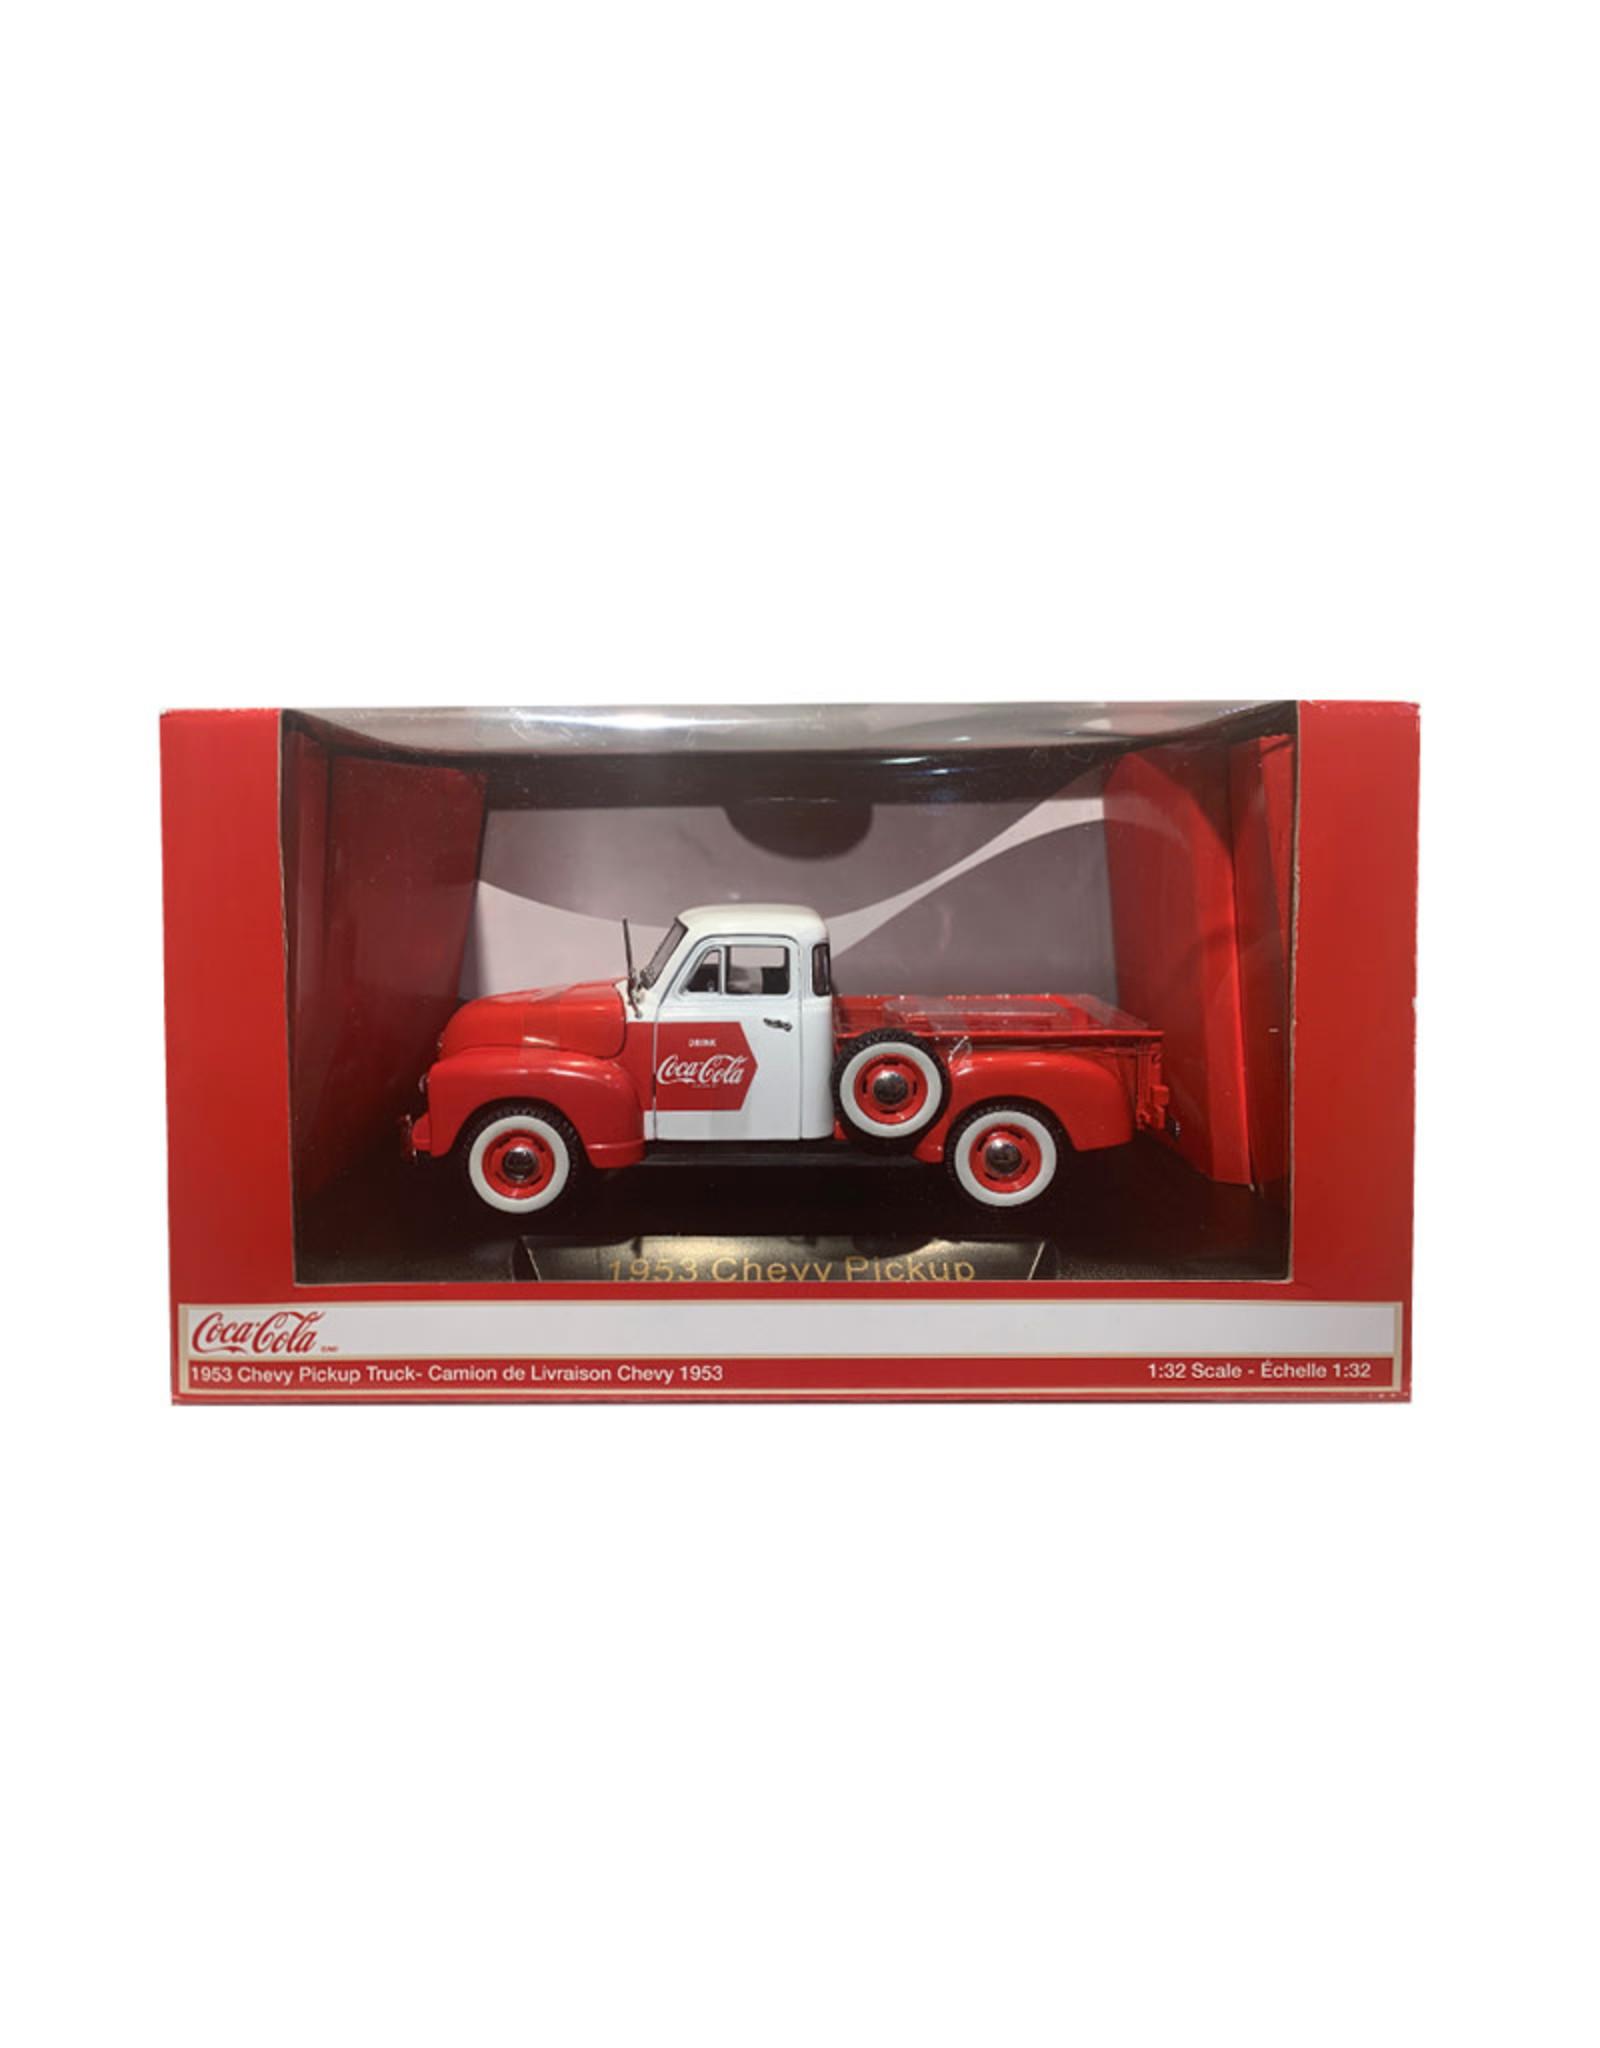 Coca-Cola Coca-Cola ( Die Cast ) 1953 Chevy Pickup